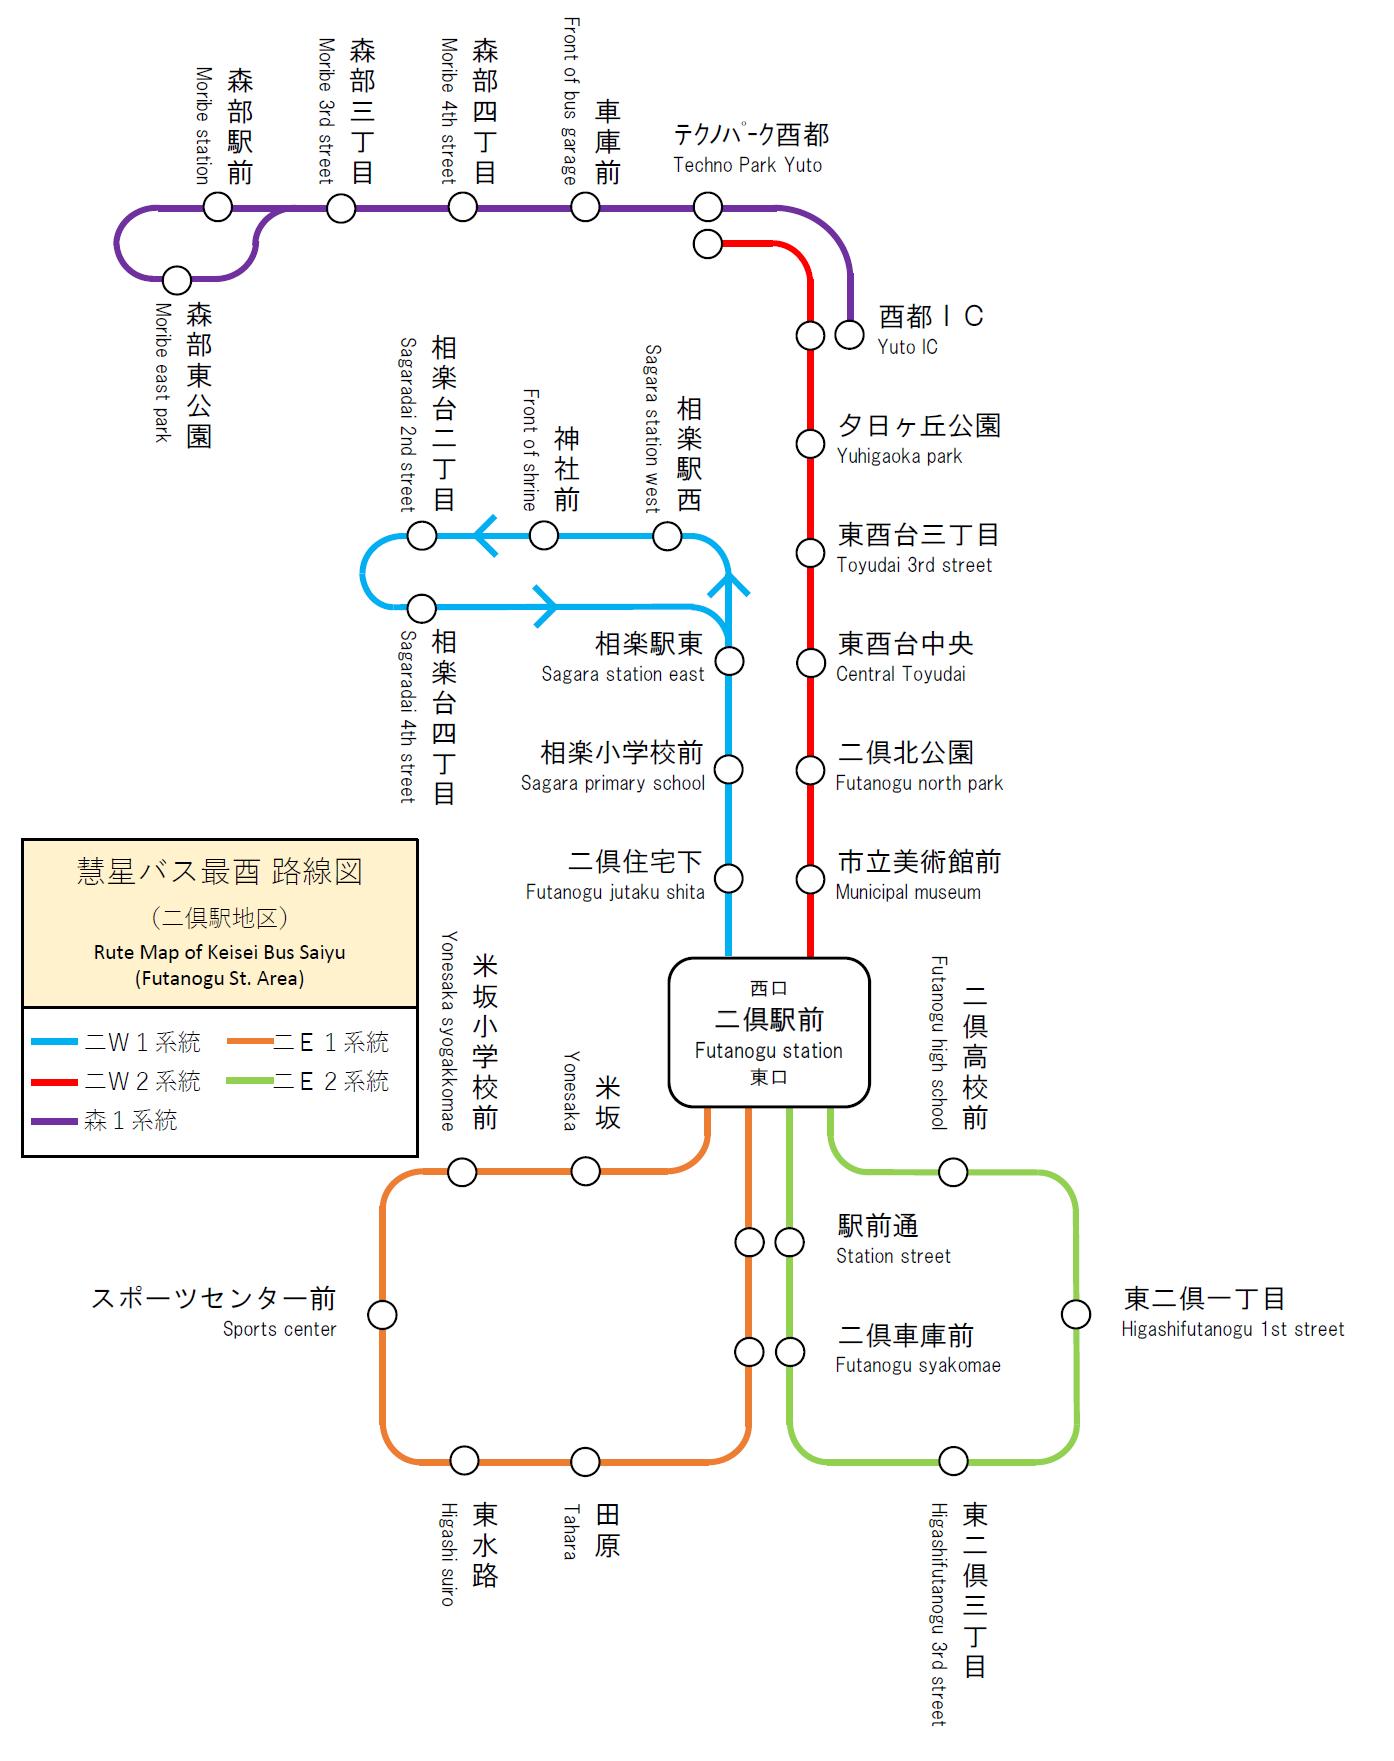 慧星バス酉都路線図(二倶駅地区)2_0.png